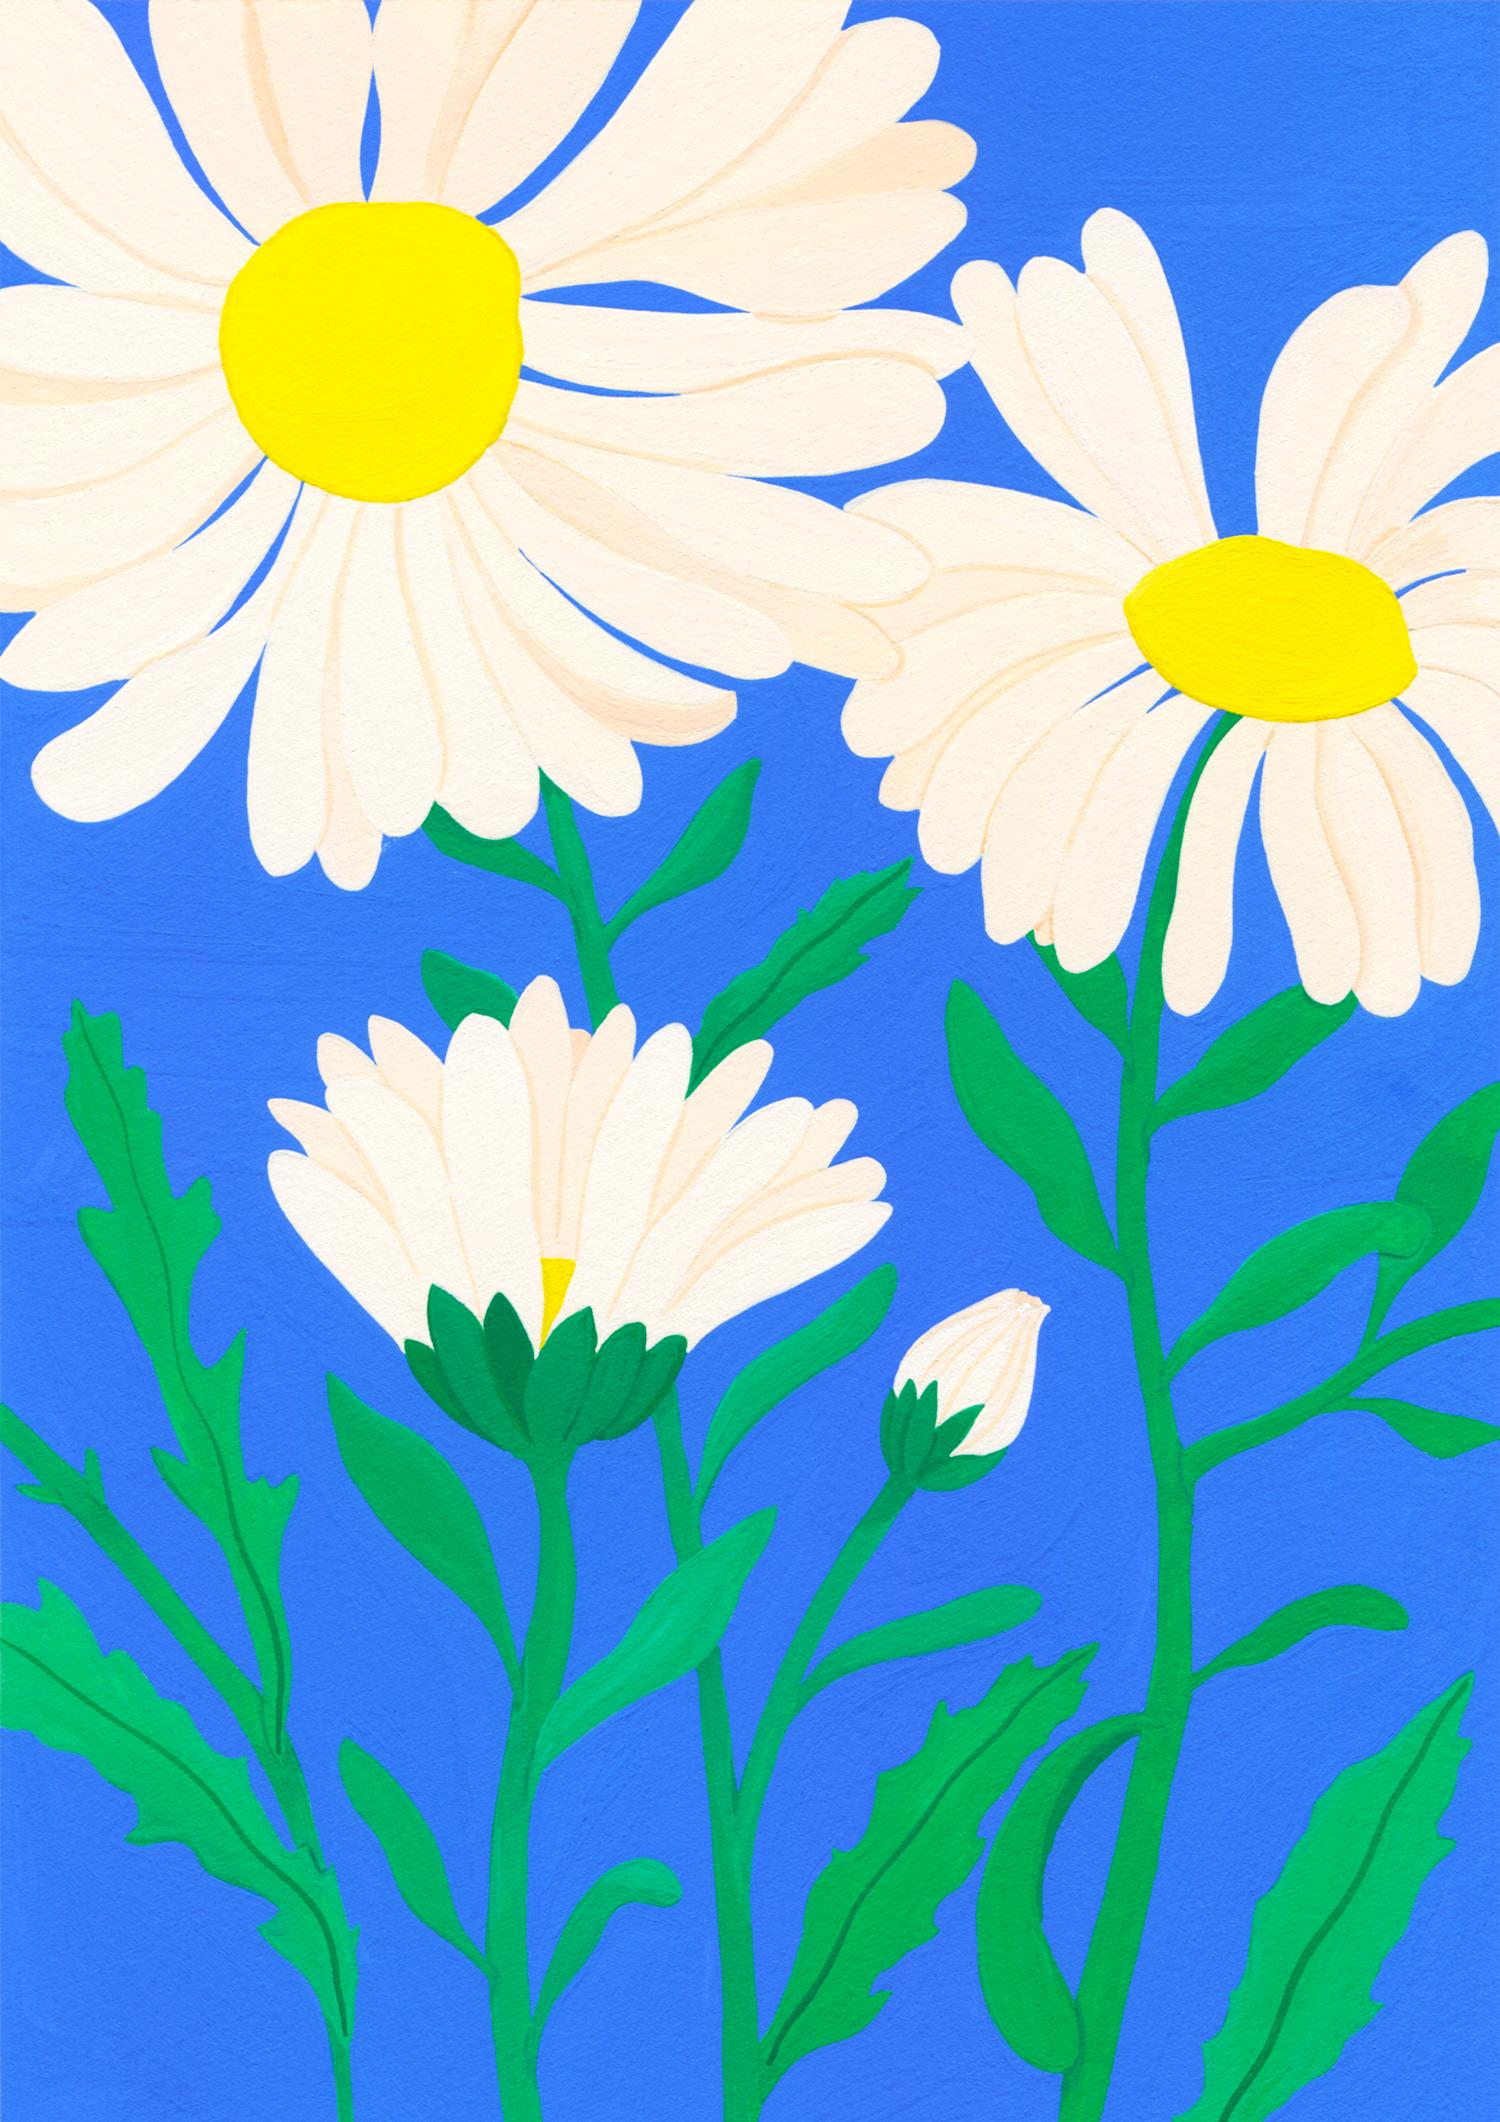 Marie-pellet-illustrations-gouache-daisy-fleurs-projet-personnel-portfolio